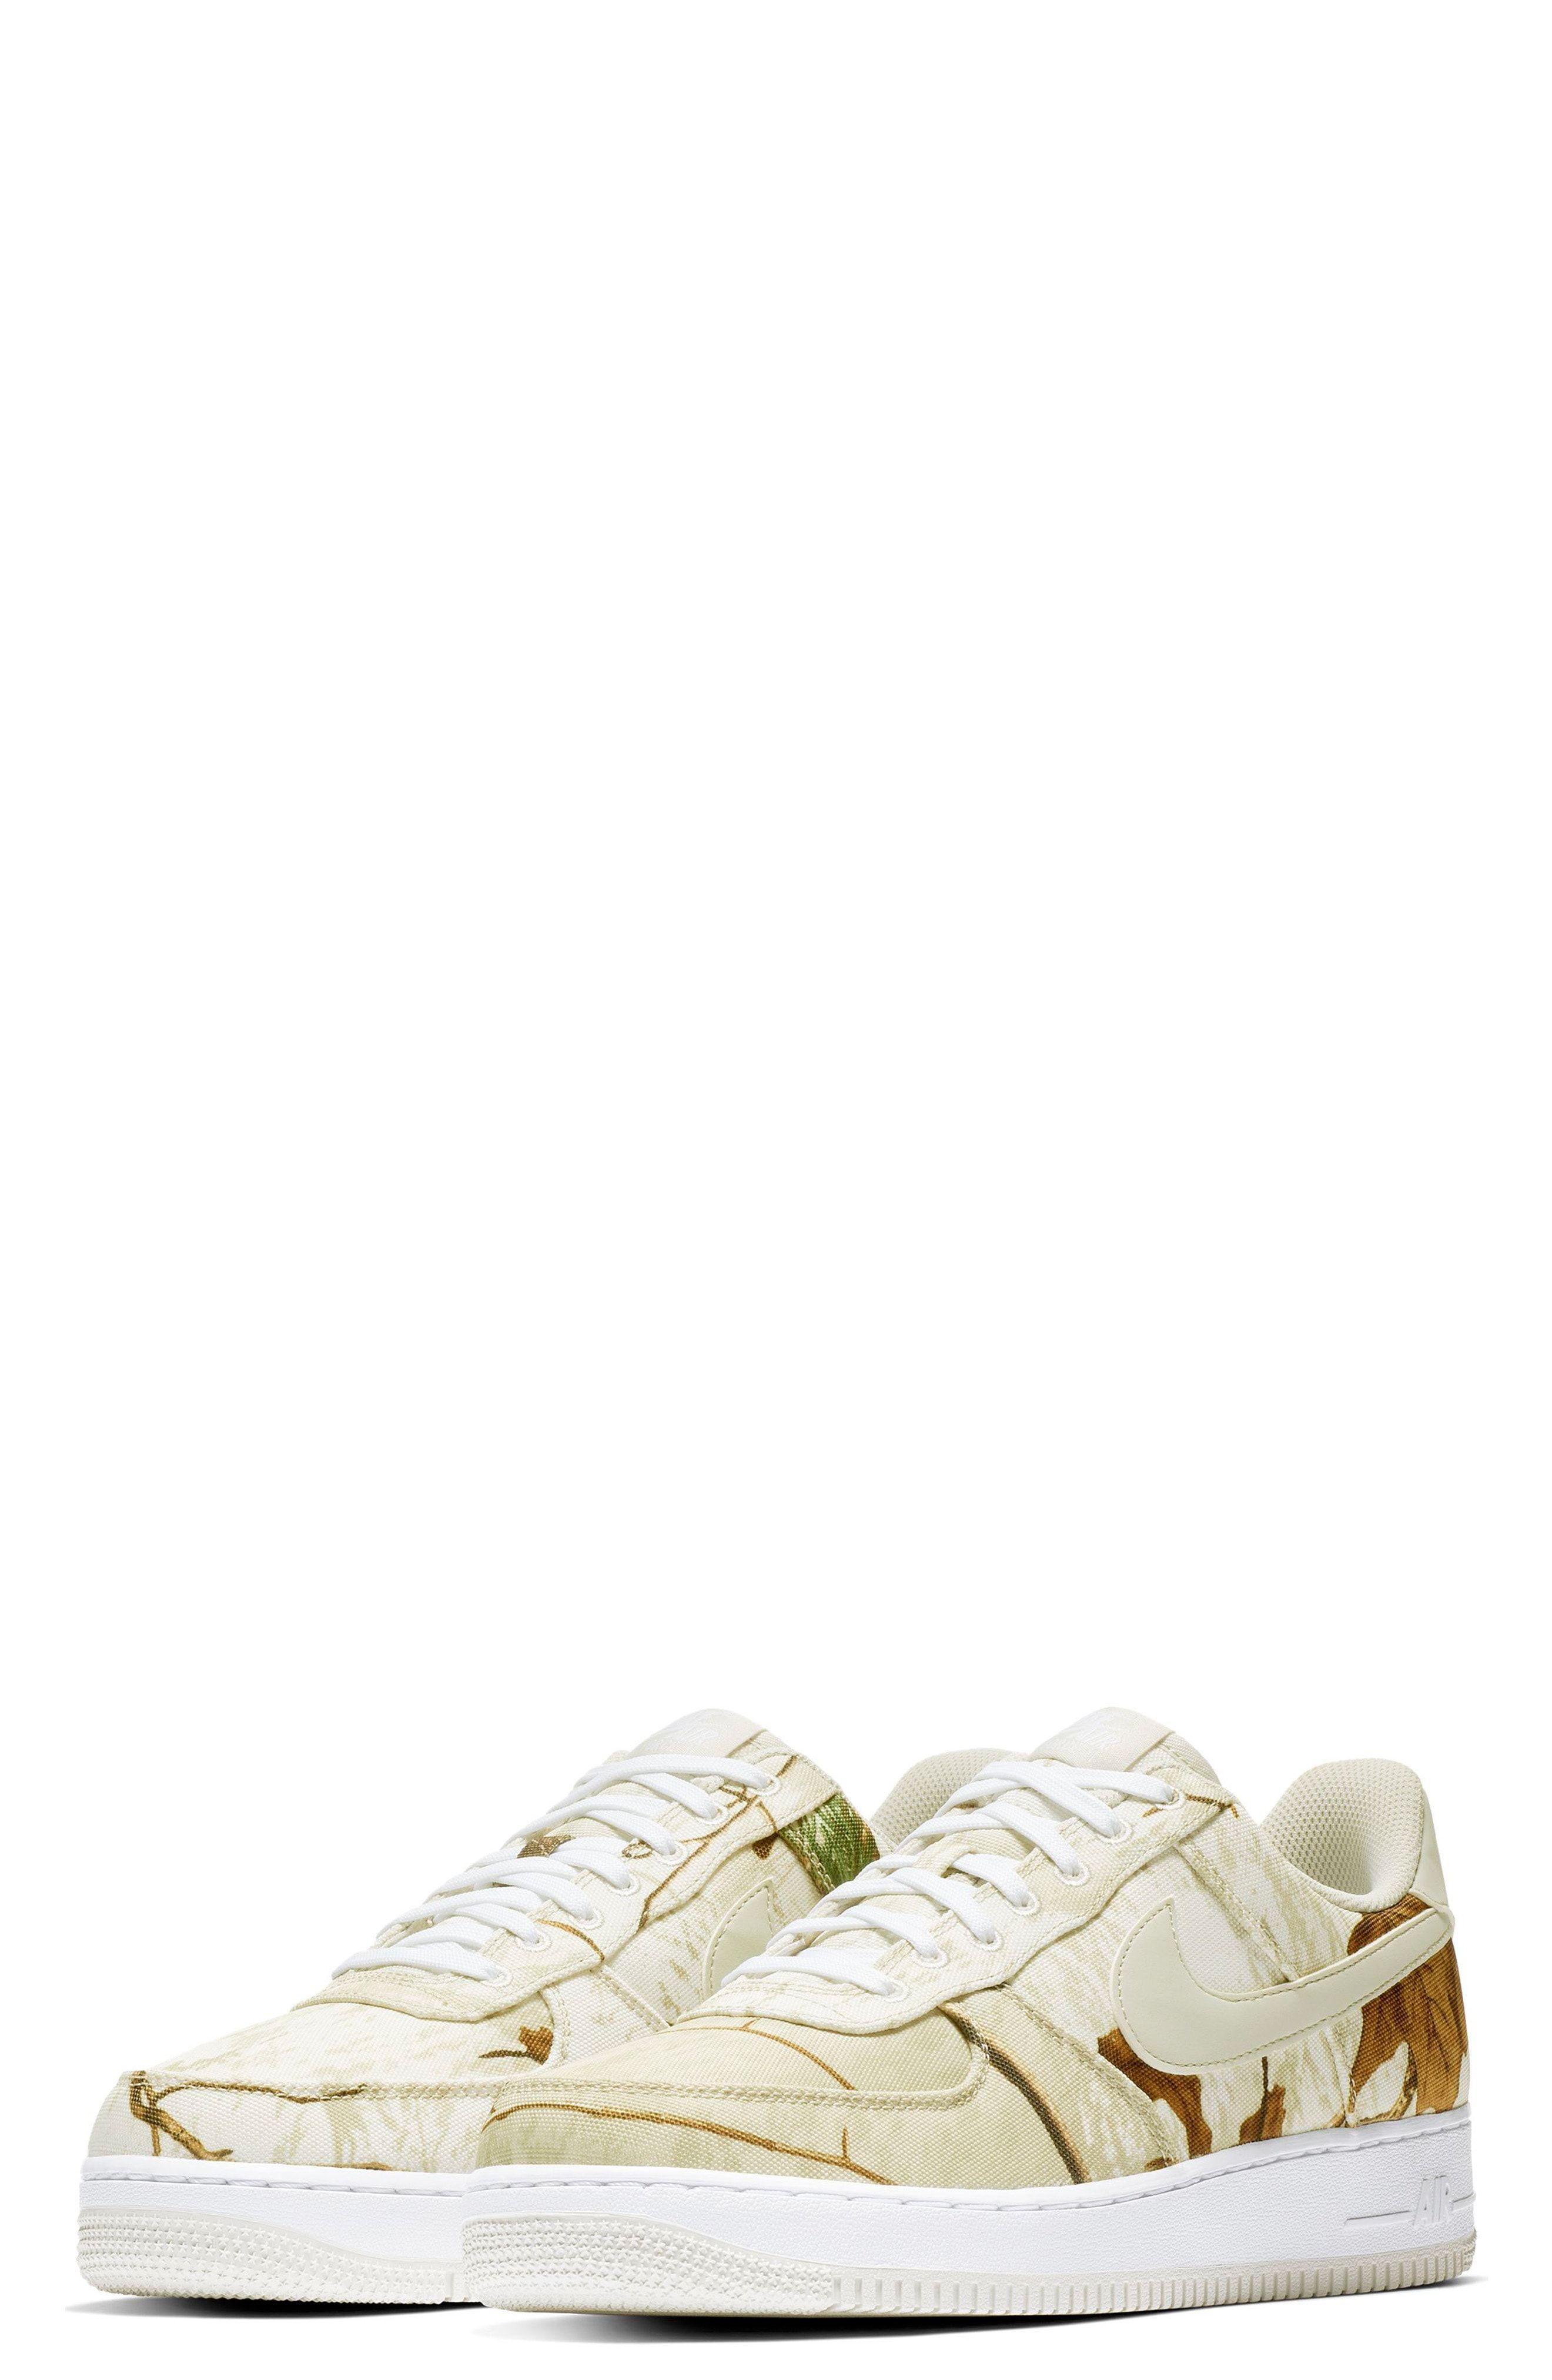 95e51962047b9 NIKE AIR FORCE 1 '07 LV8 3 SNEAKER. #nike #shoes   Nike in 2019 ...